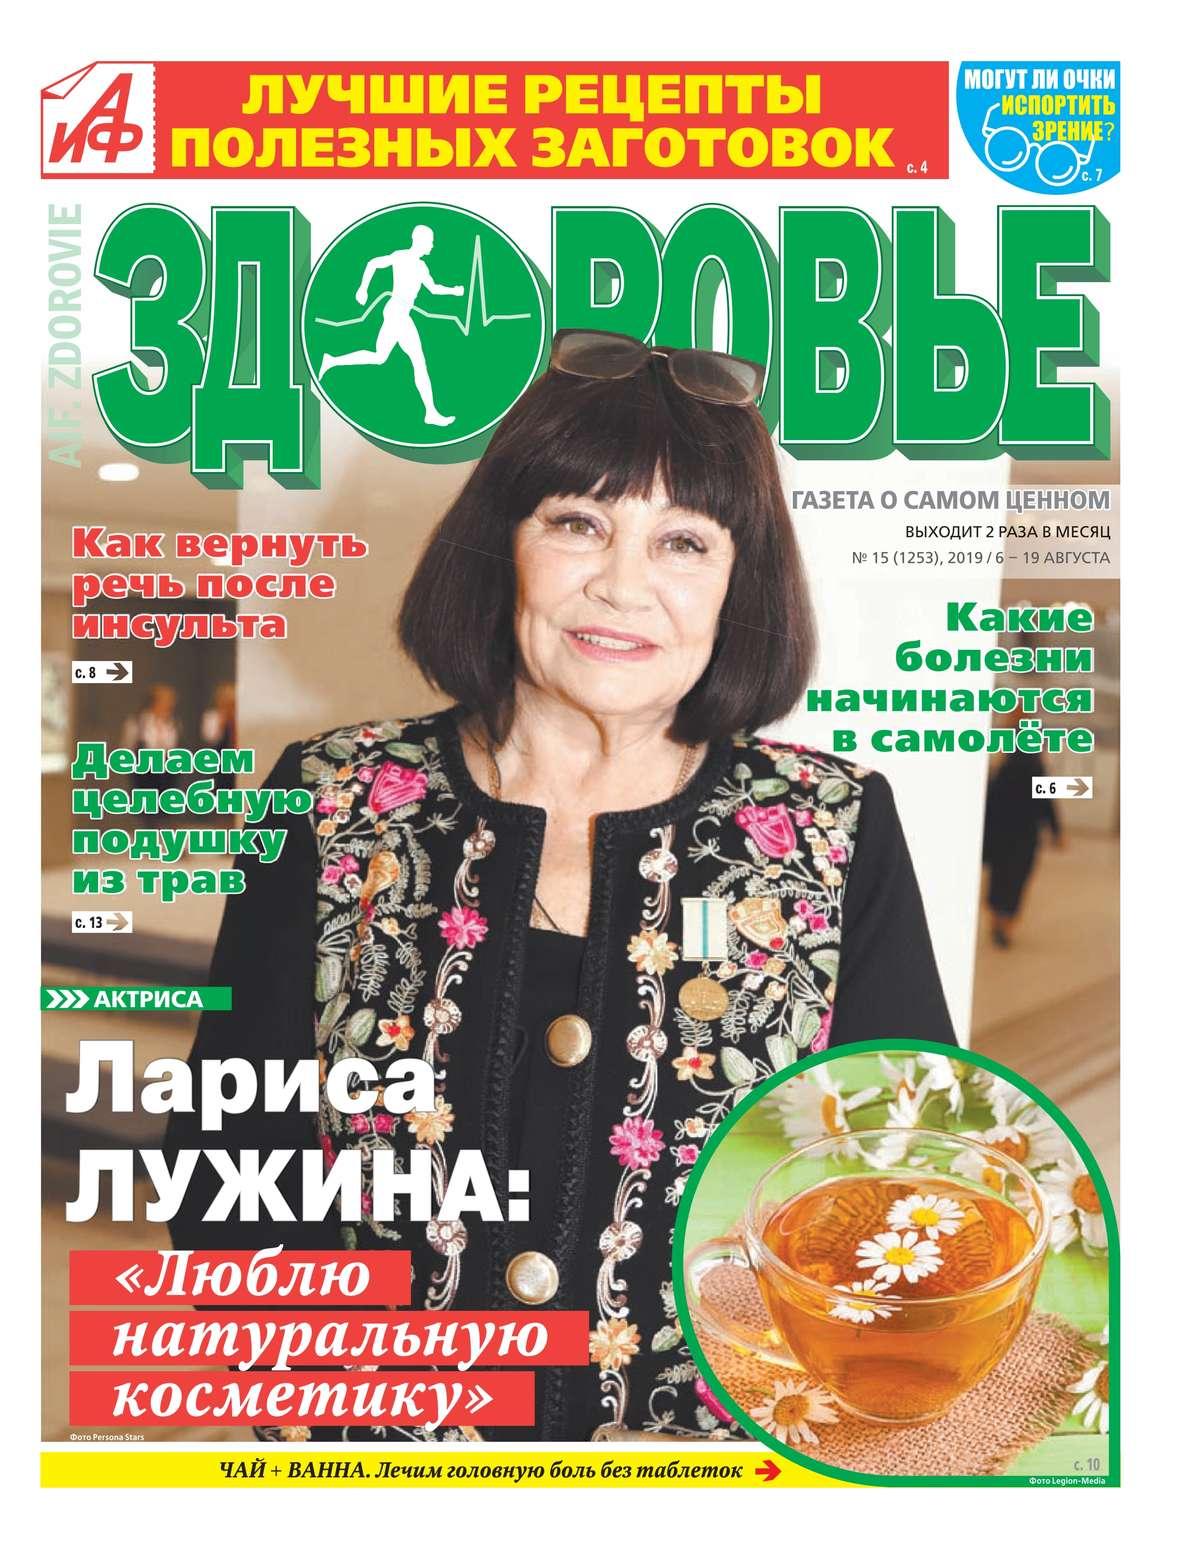 Редакция газеты Аиф. Здоровье Аиф. Здоровье 15-2019 цена